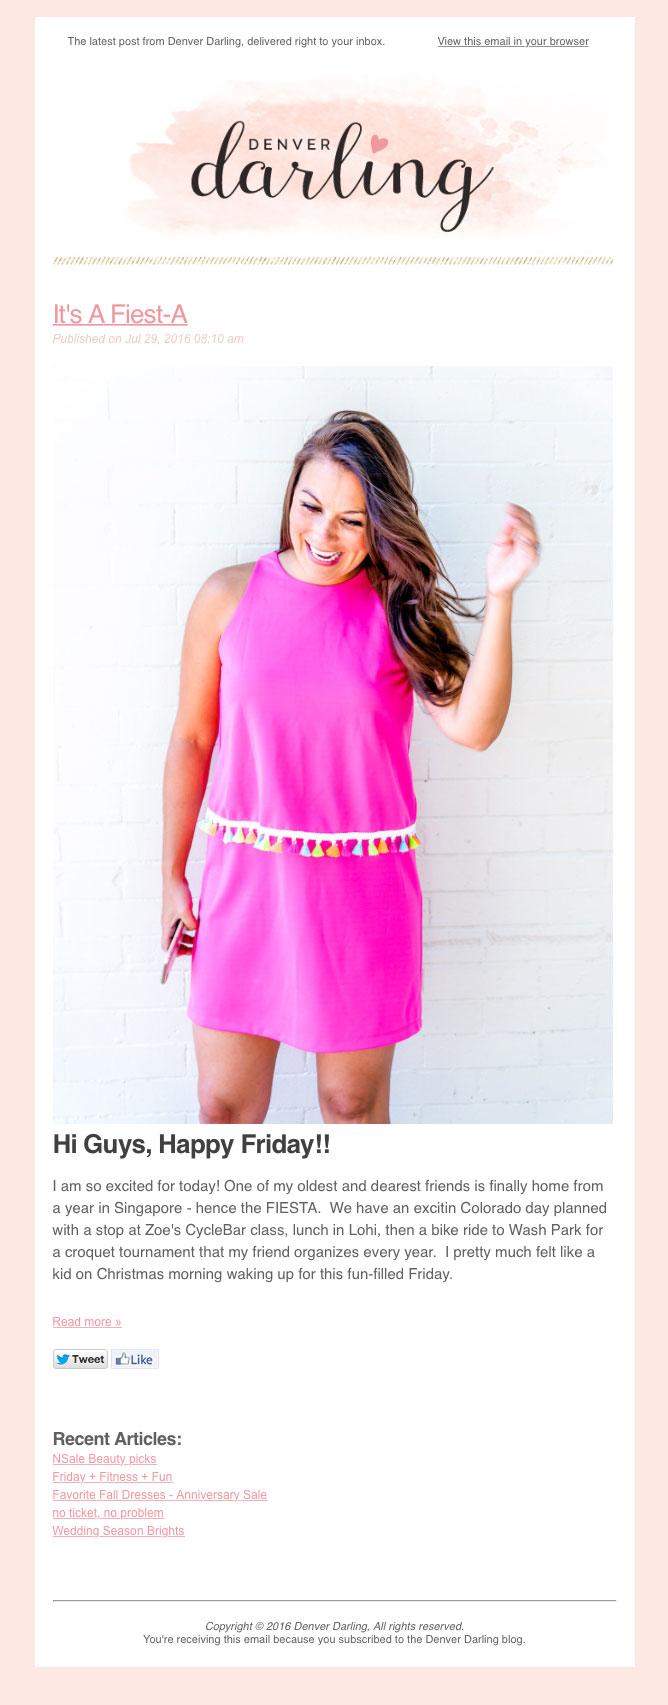 Denver Darling Branded Email Newsletter Design | Six Leaf Design | Denver Freelance Graphic Designer